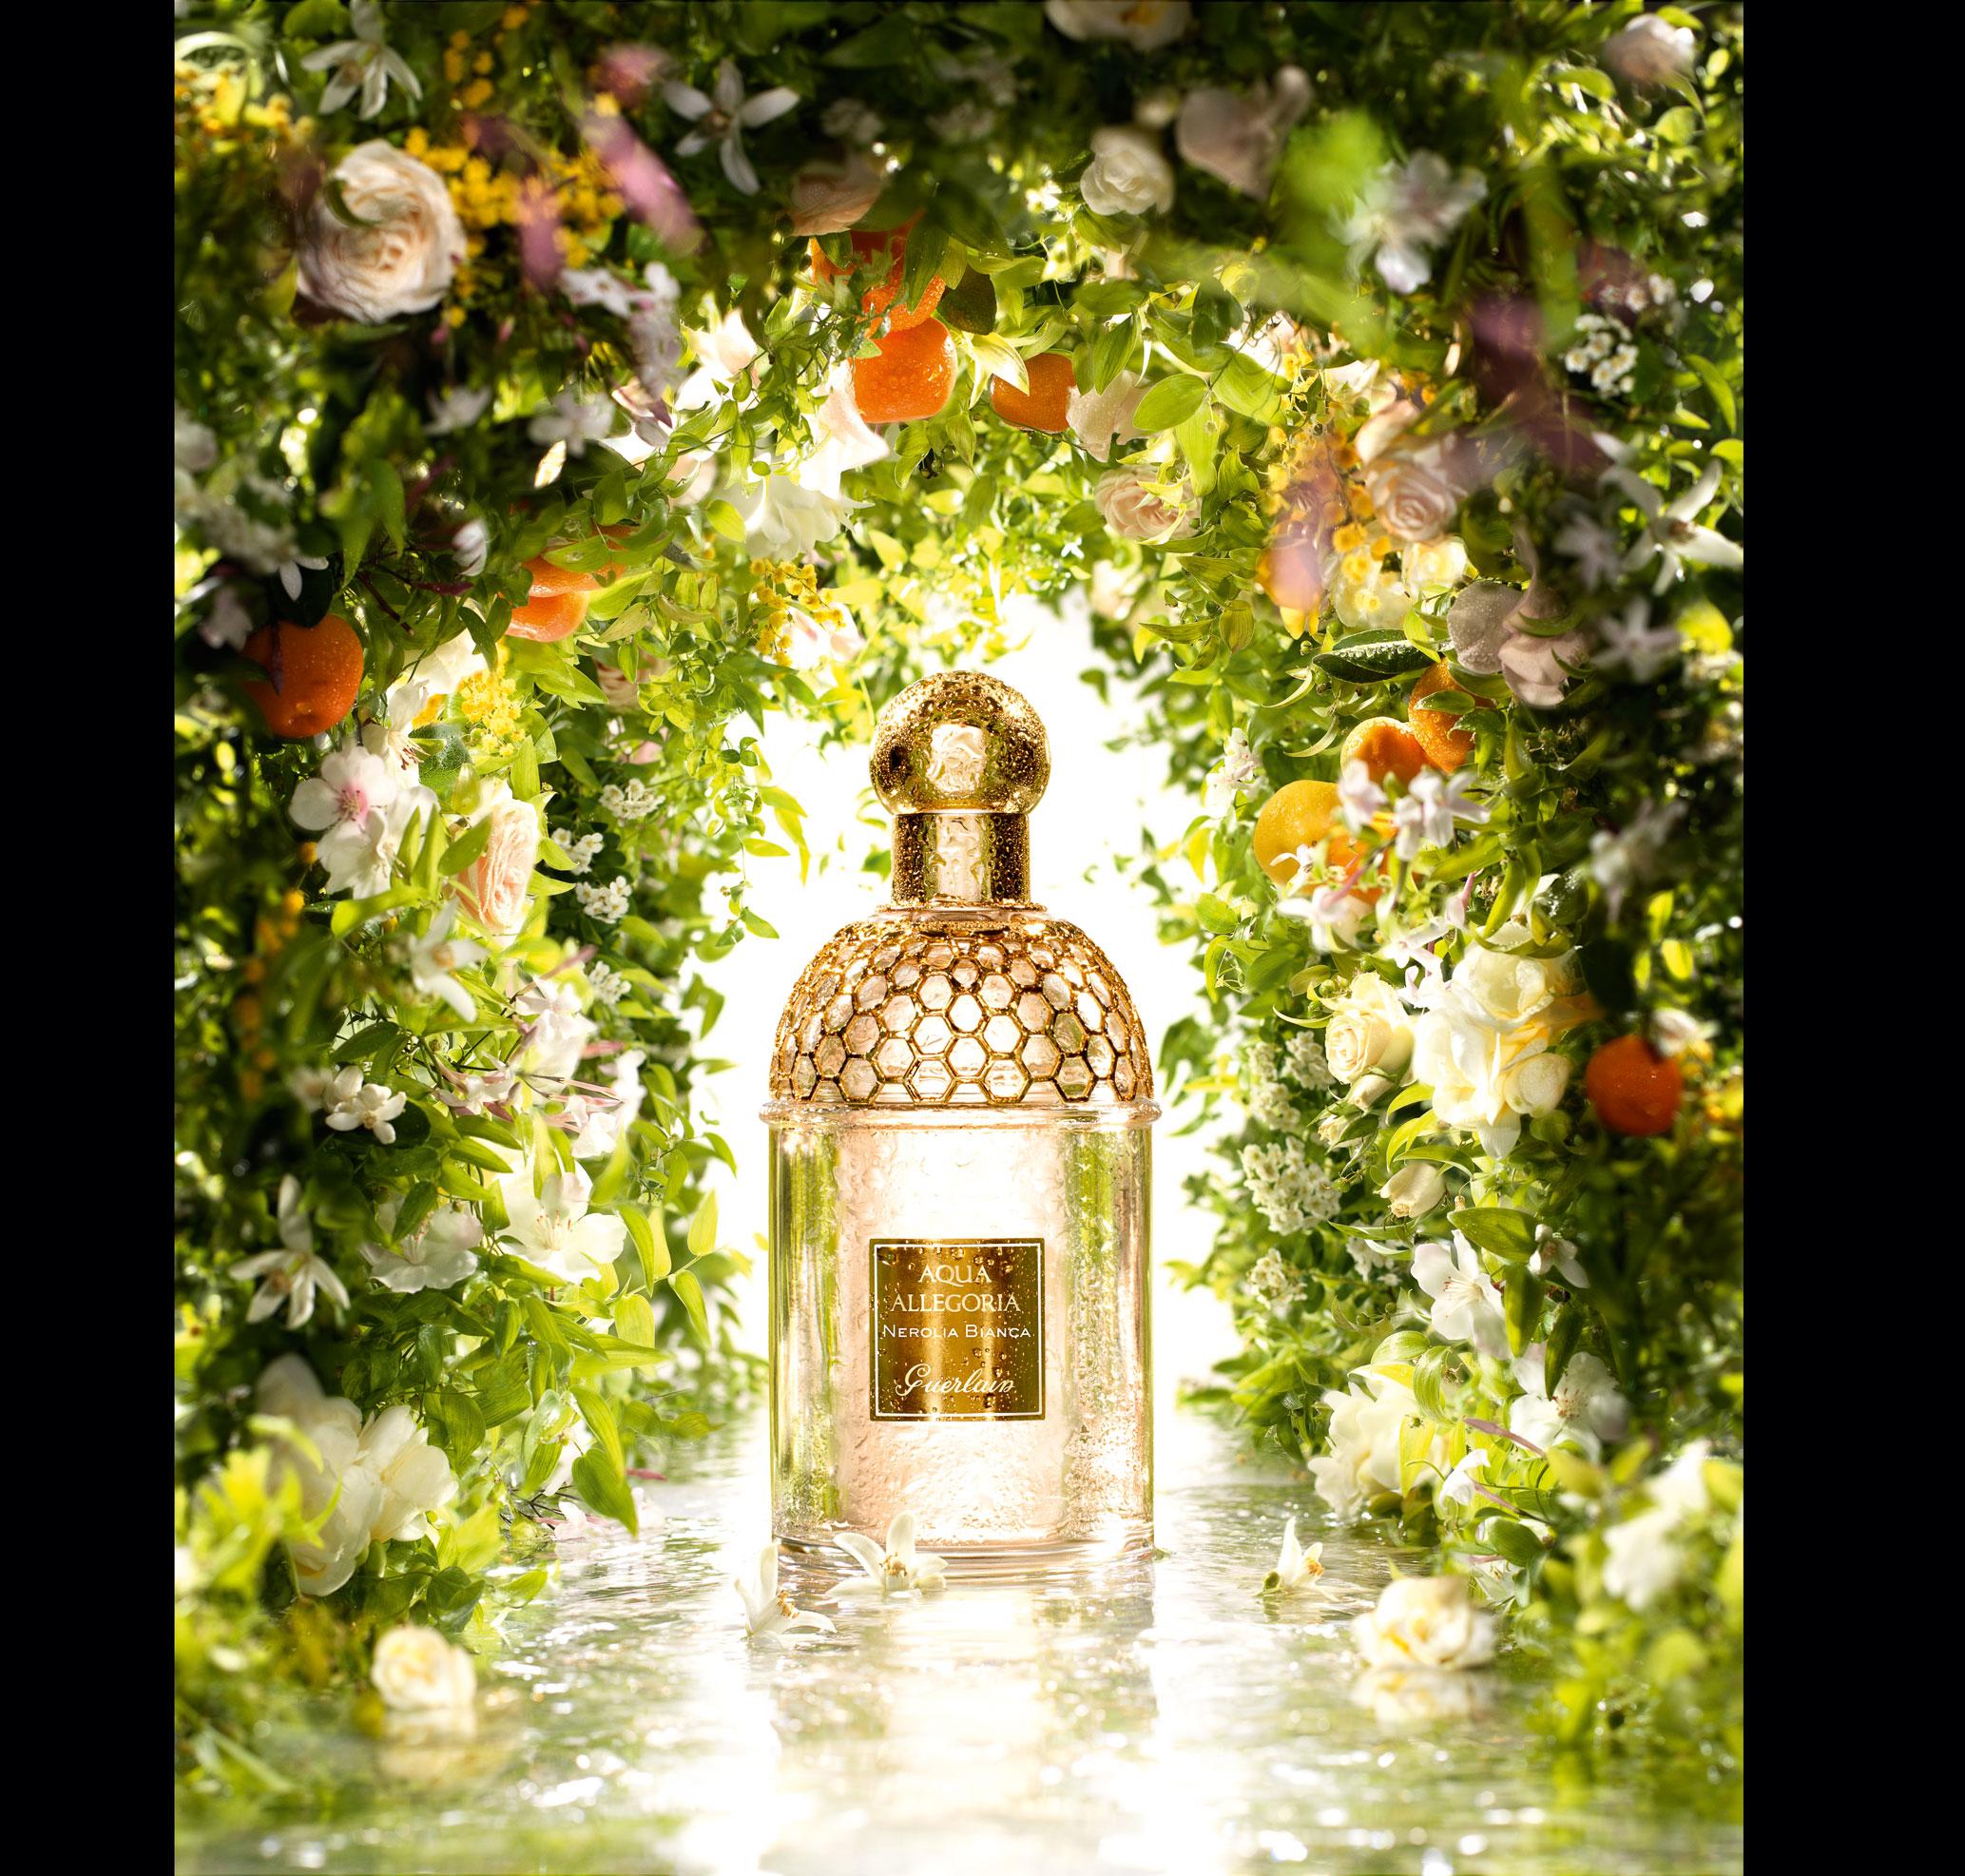 comment reconna tre les hesp rid s faire le tour du monde en parfums. Black Bedroom Furniture Sets. Home Design Ideas